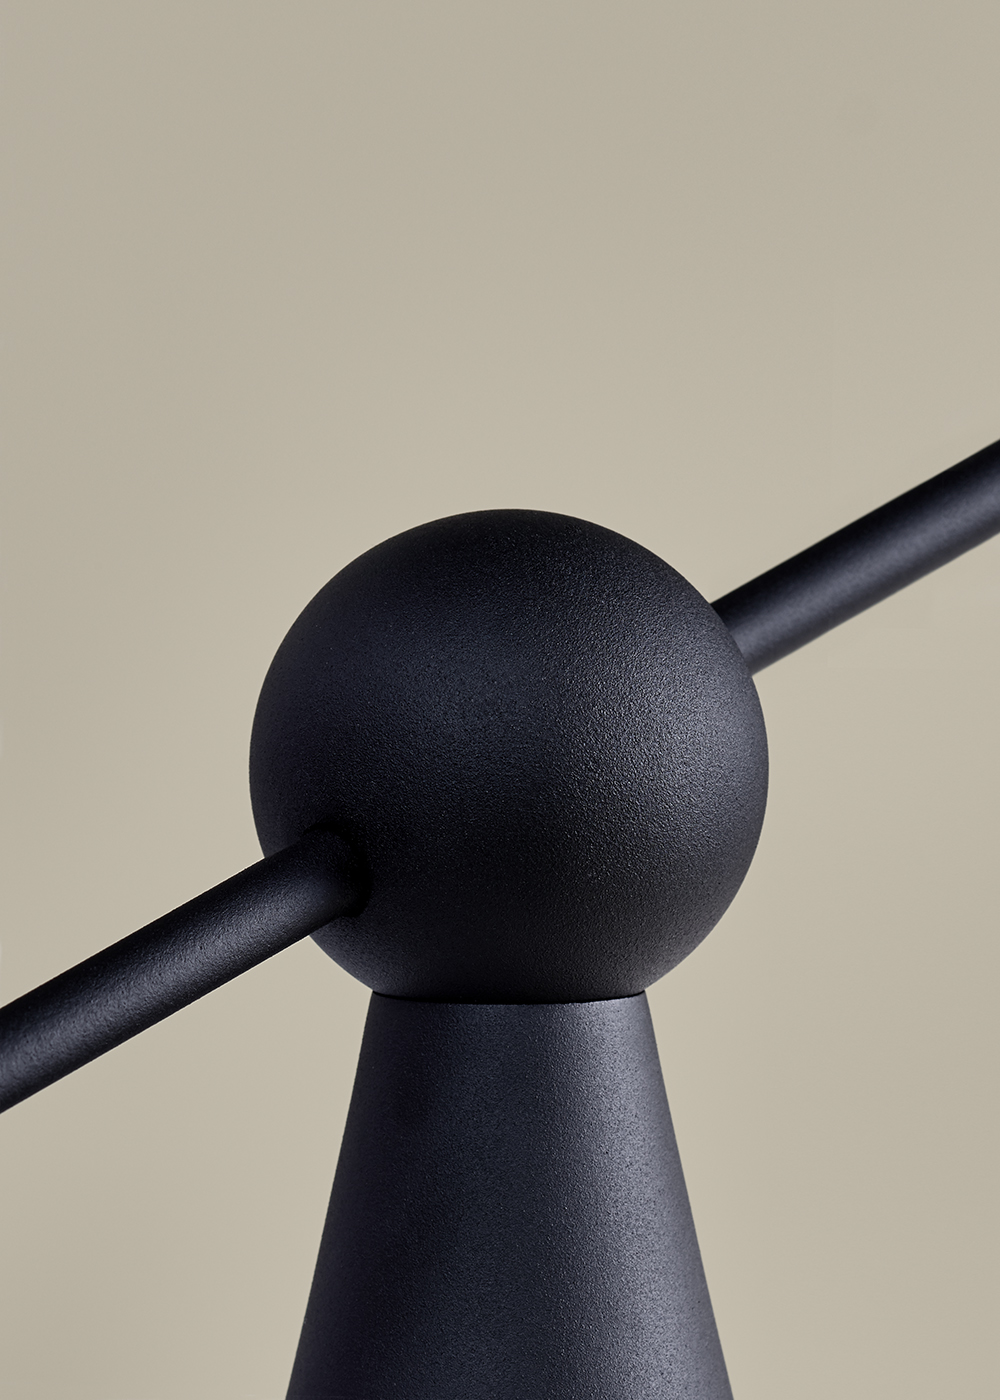 Earnest Studio   Mill table lamp